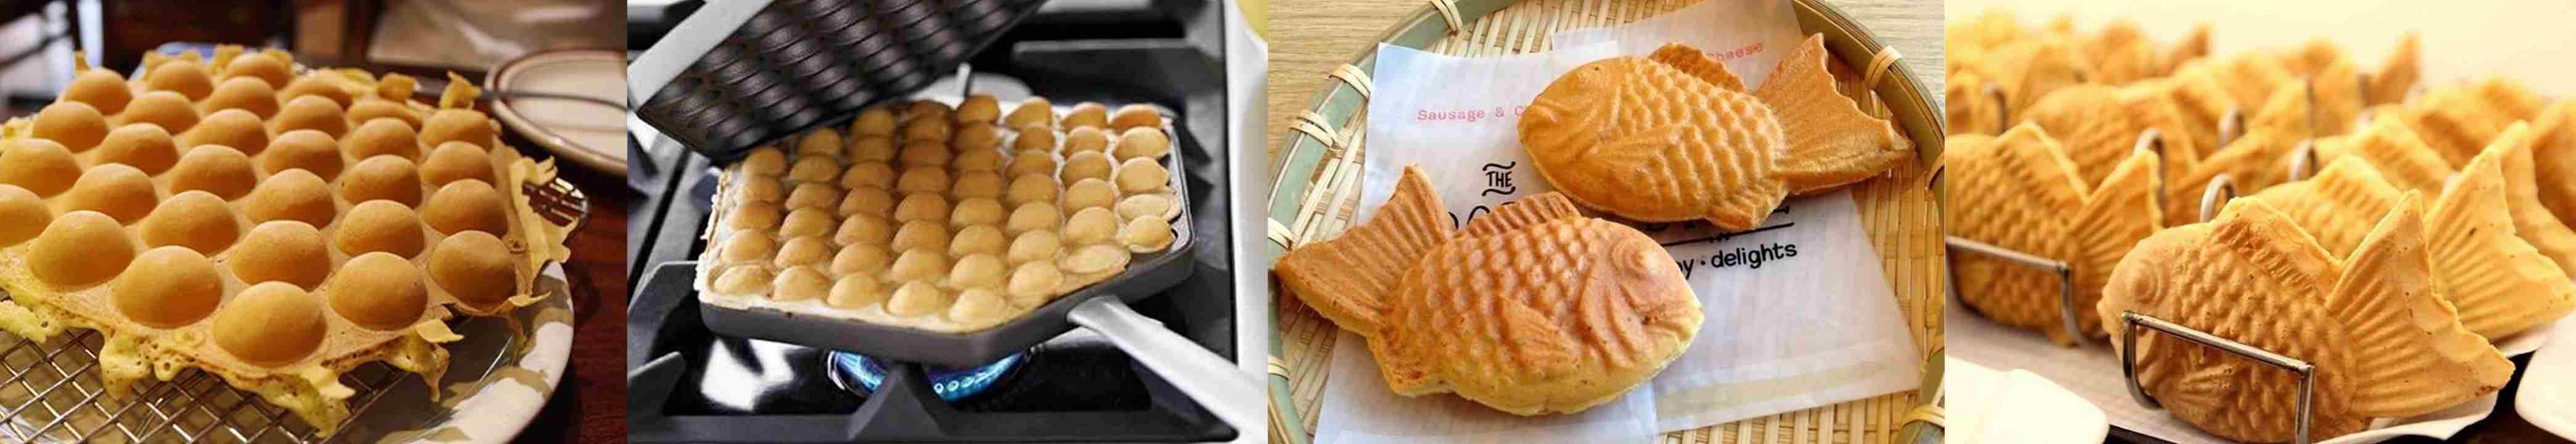 banh-trung-hong-kong-taiyaki-com